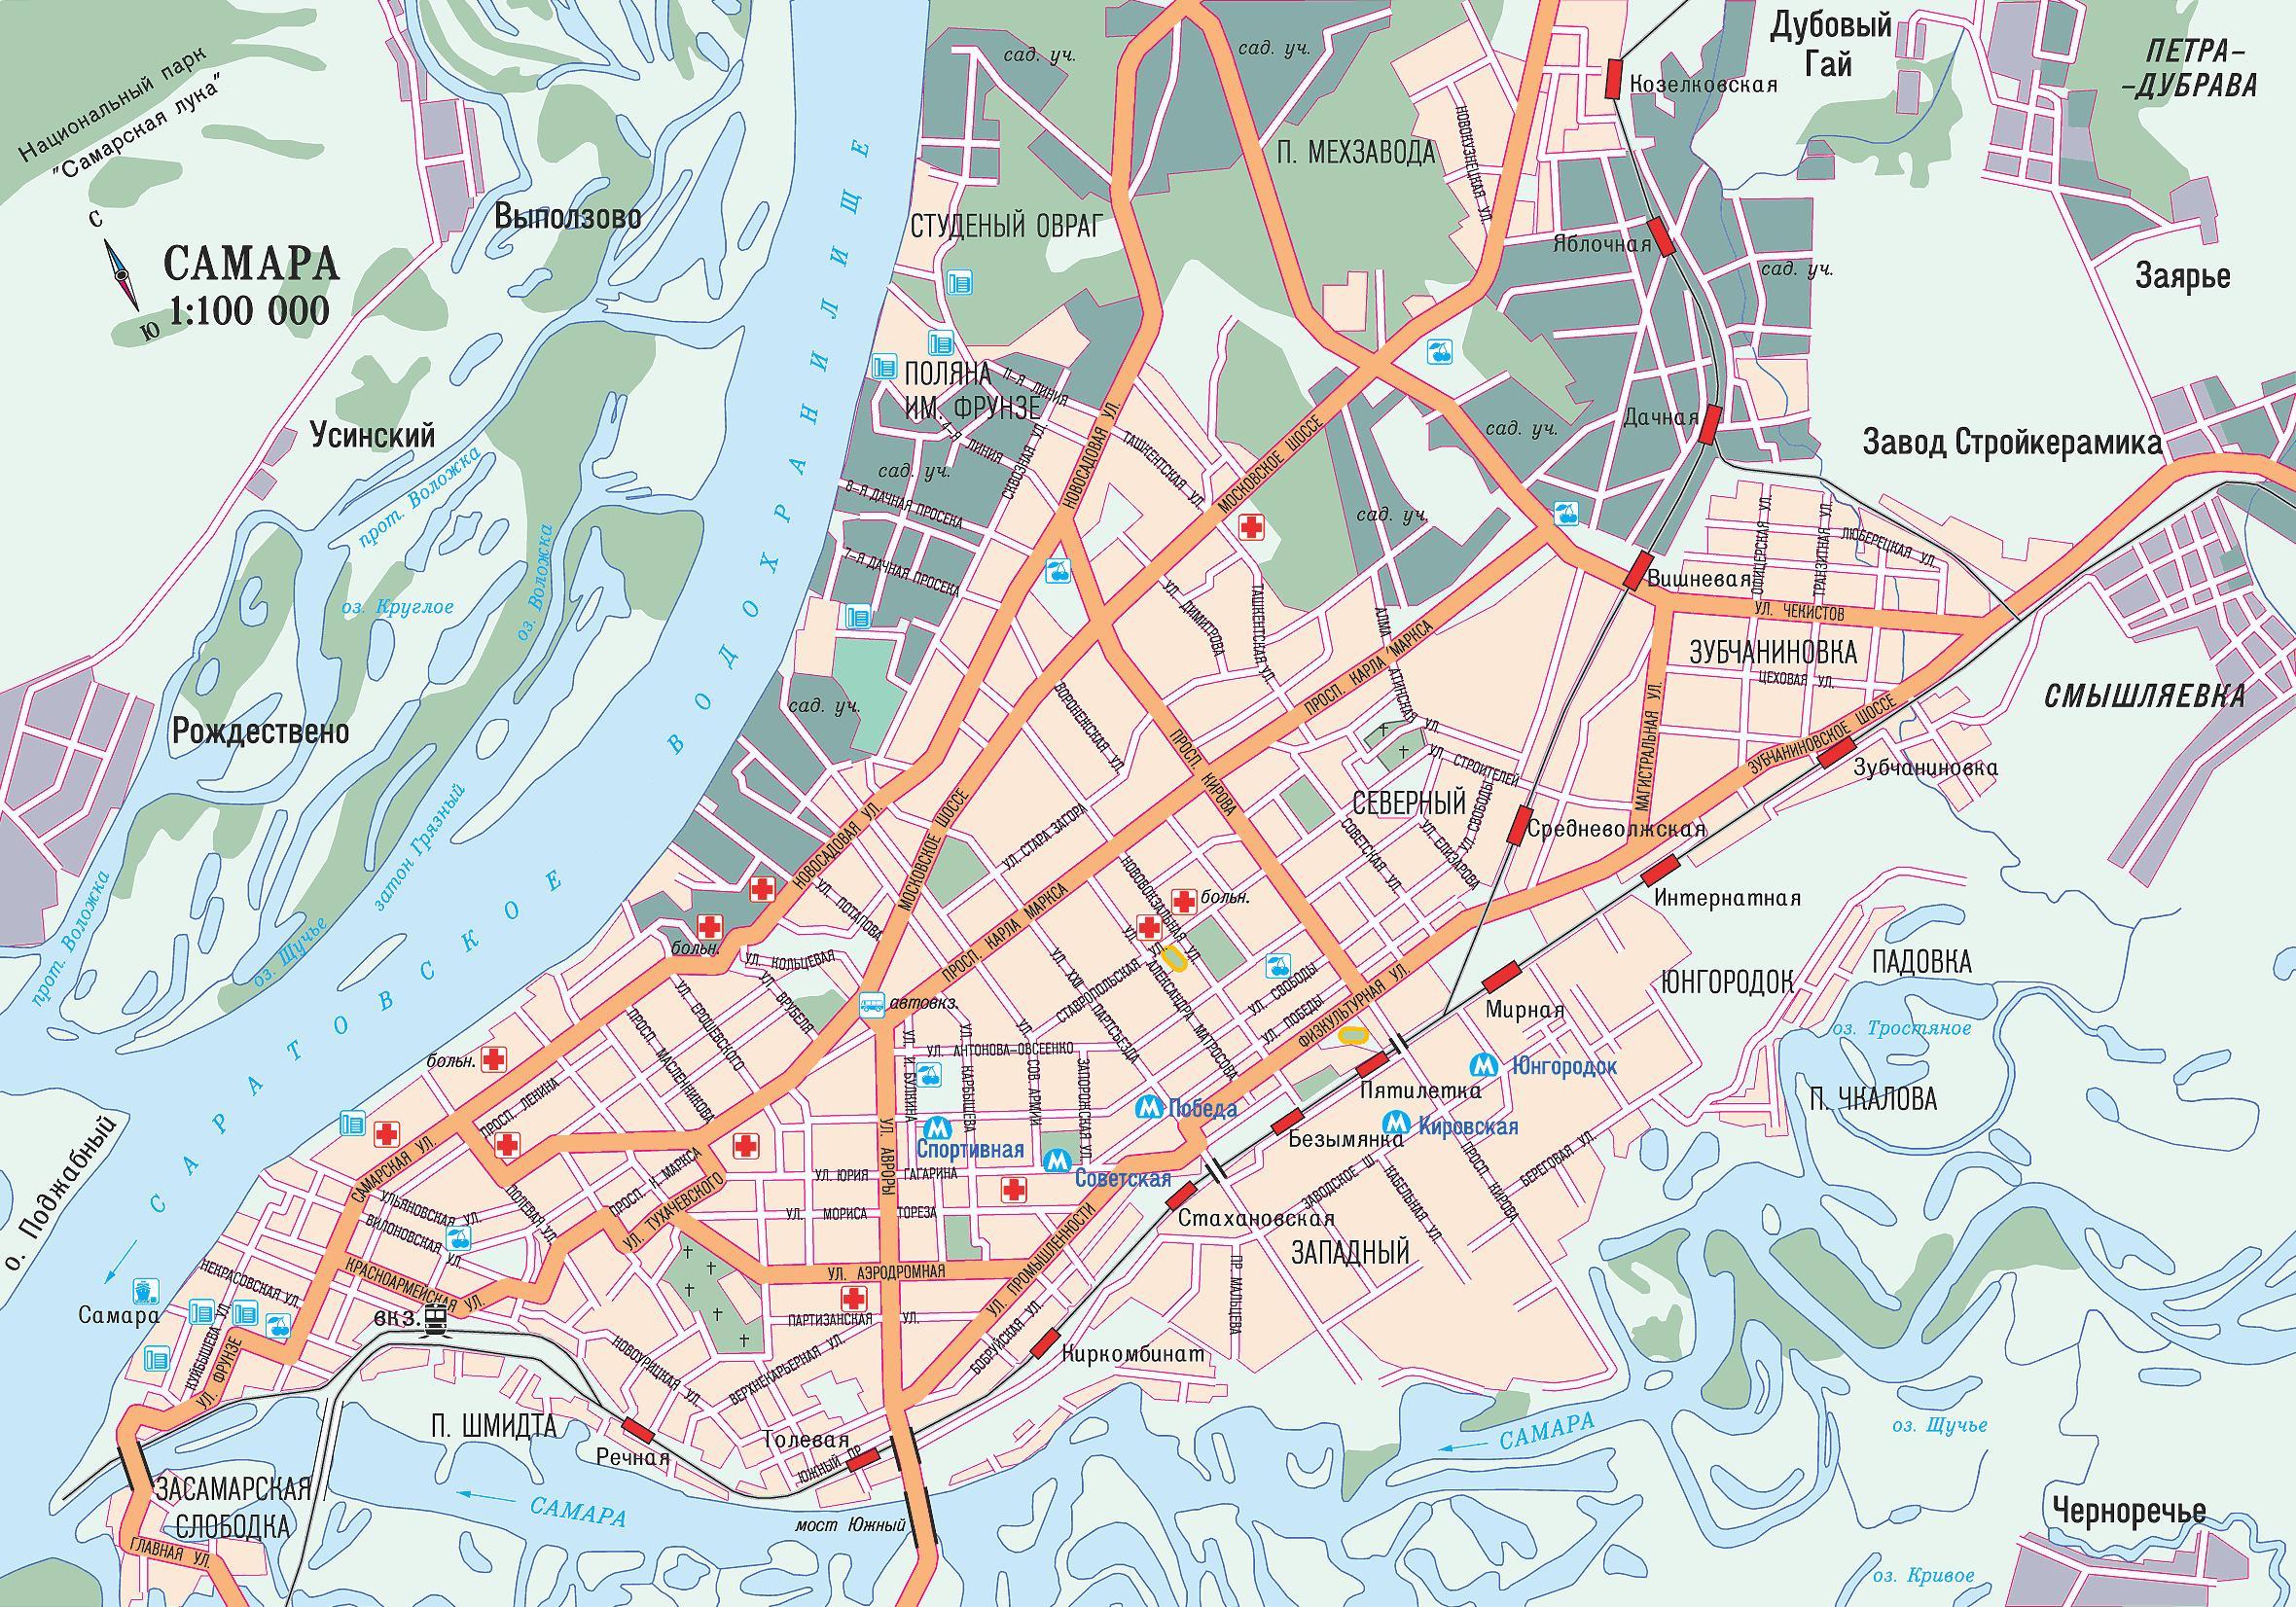 Карта города Самара - Карты городов России: http://maps.at.ua/blog/card_of_city_samara/2009-06-05-154